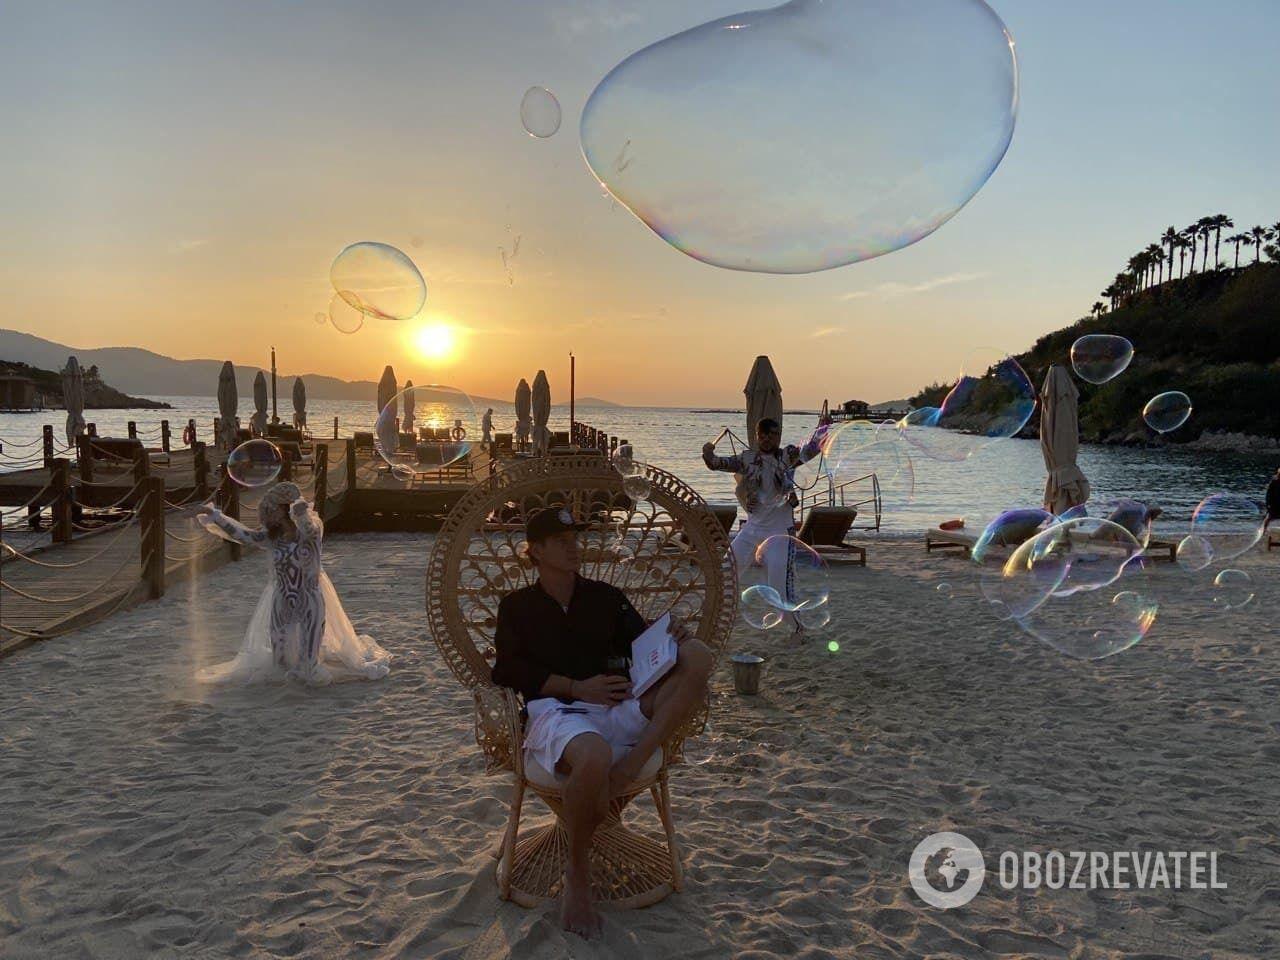 Николас Димитров на пляжной вечеринке.